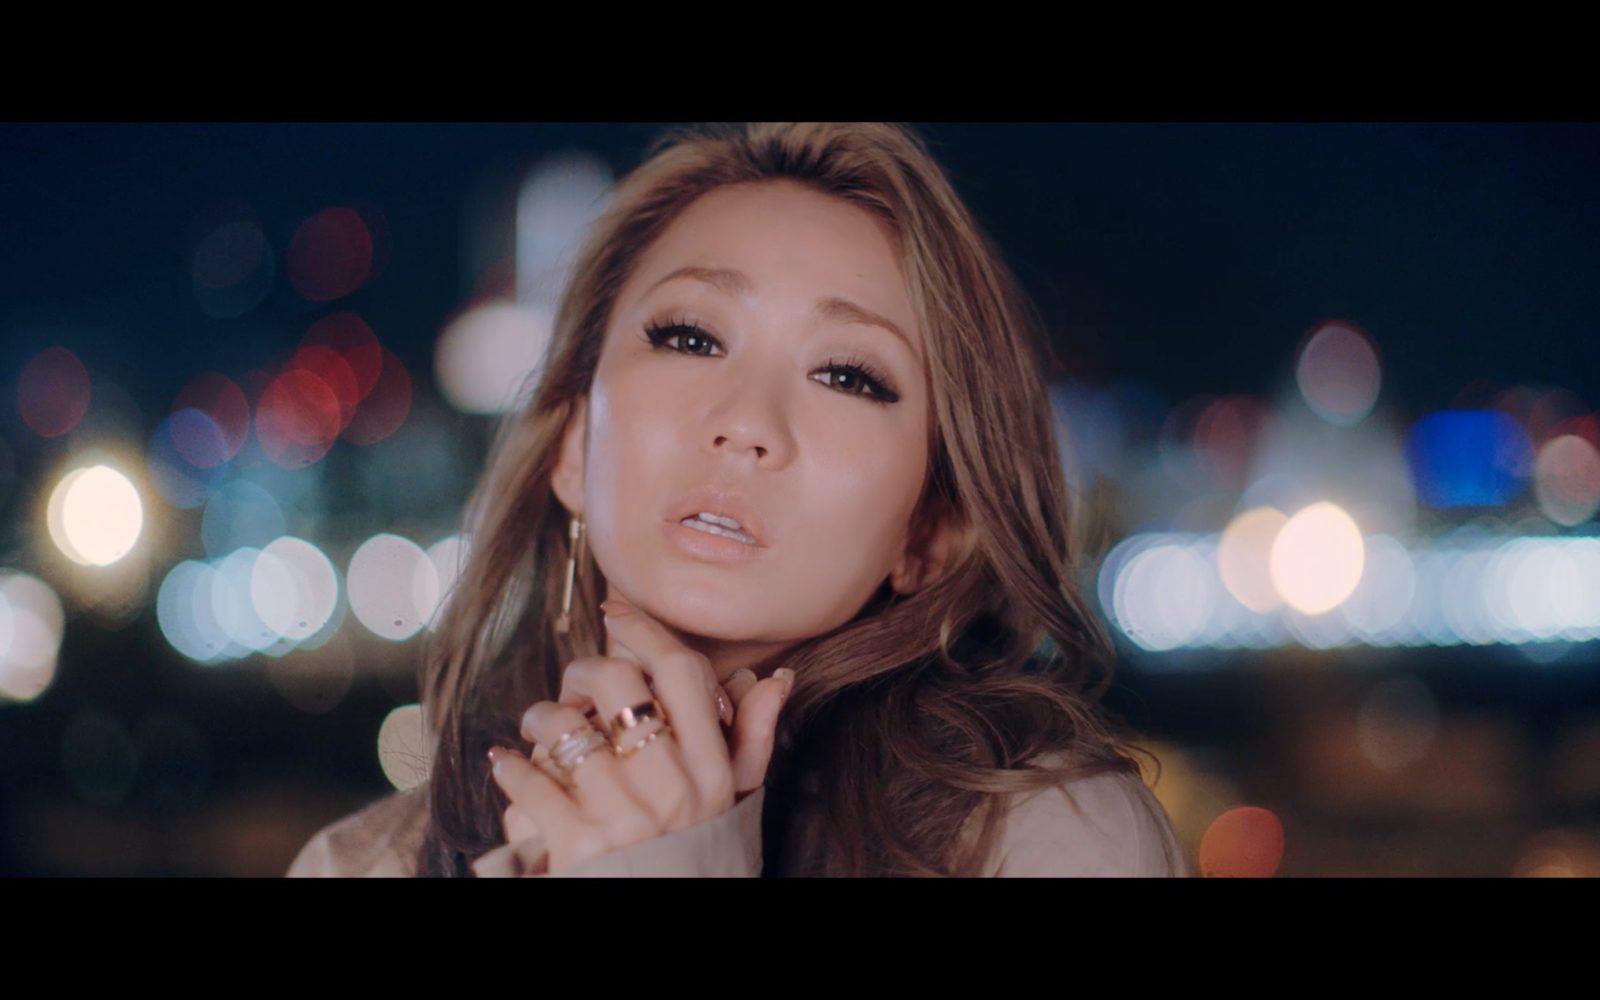 倖田來未「again」MV公開!切実な歌声と飾らない言葉が心を締め付ける大人のラブバラードサムネイル画像